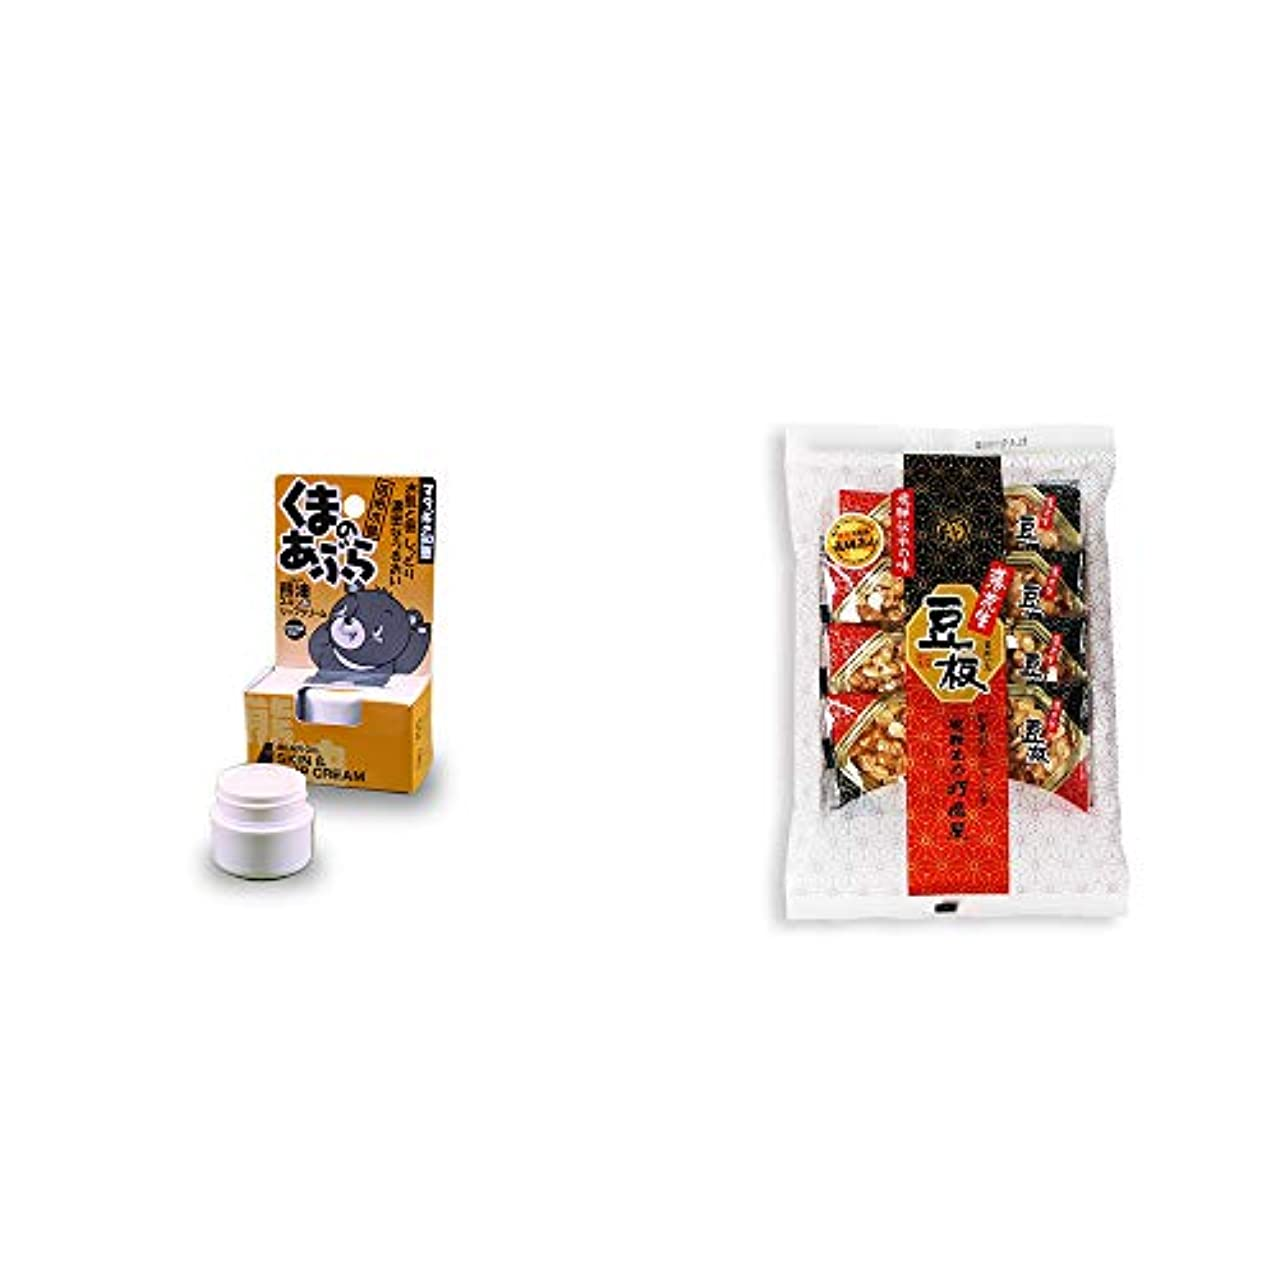 薄める耳治す[2点セット] 信州木曽 くまのあぶら 熊油スキン&リップクリーム(9g)?飛騨銘菓「打保屋」の駄菓子 豆板(8枚入)